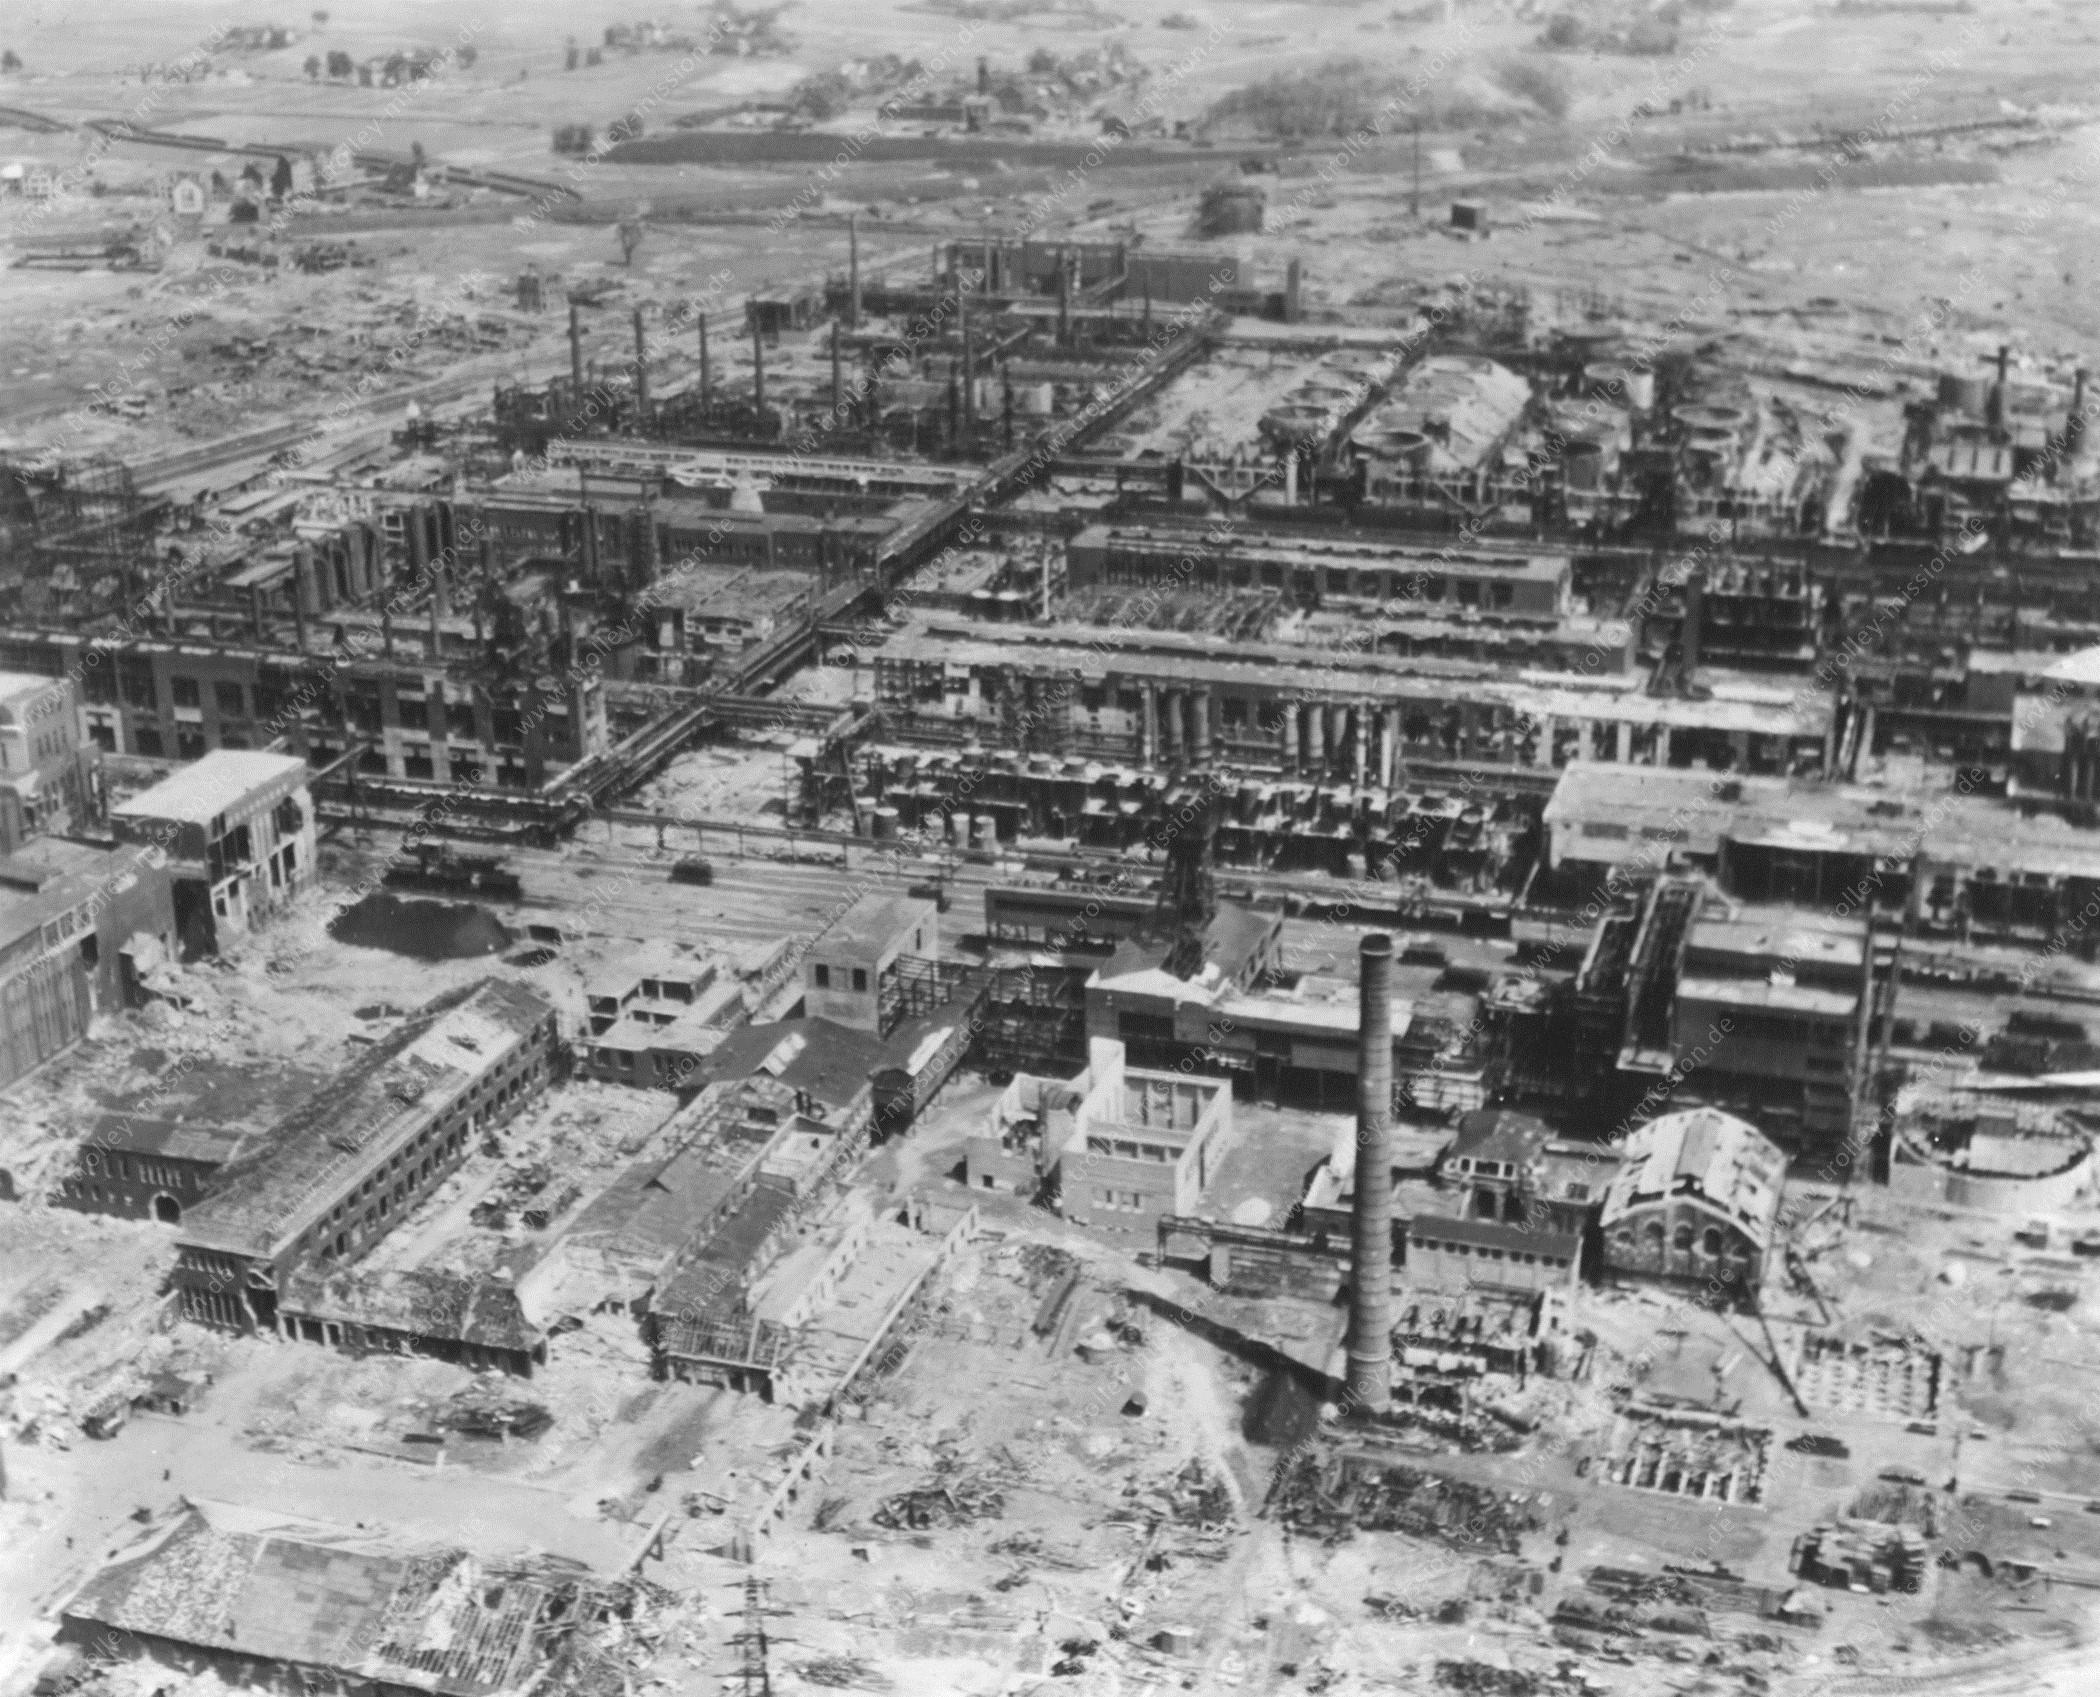 Bottrop - Unbekannte Luftaufnahme aus dem Zweiten Weltkrieg (USASC-59)